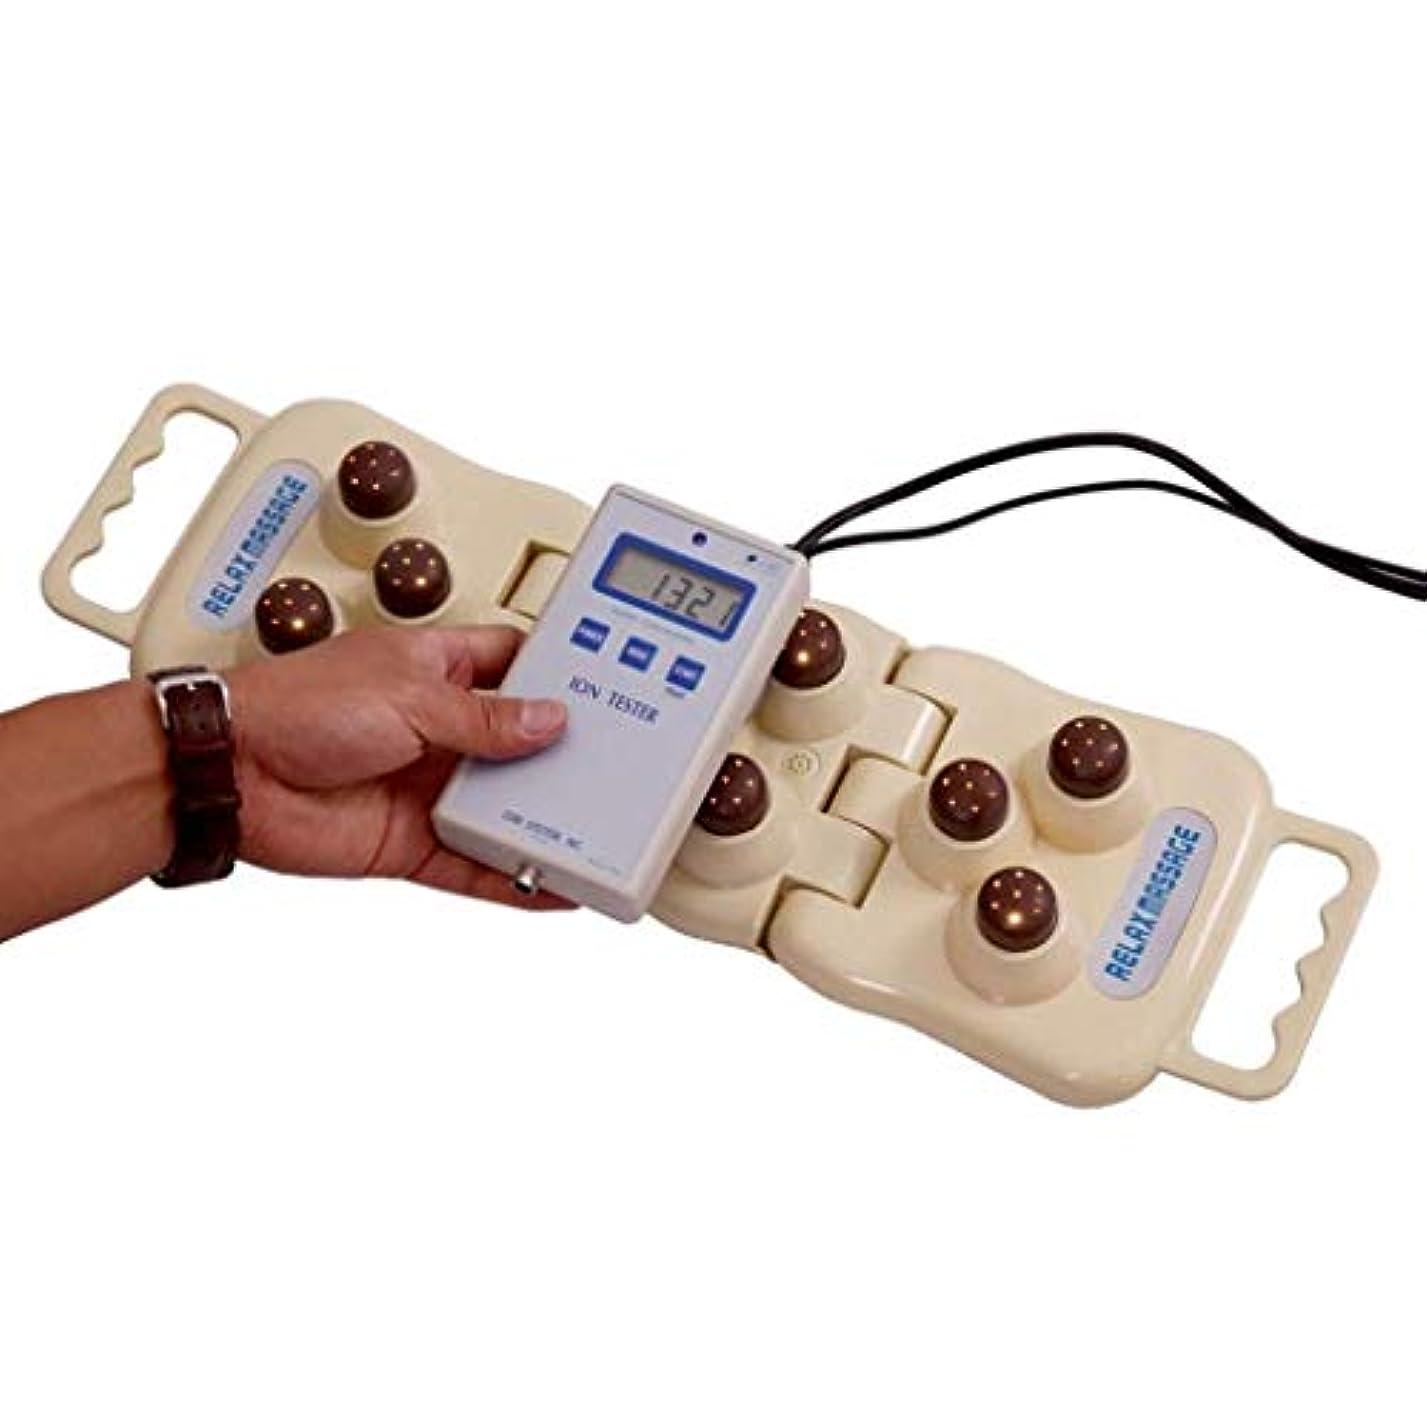 ピーブ提案する交響曲電気マッサージ器、トルマリン理学療法頸椎健康機器、暖房理学療法器具、膝/肩/腰/脚マッサージ、全身ヒーターマッサージリラックス